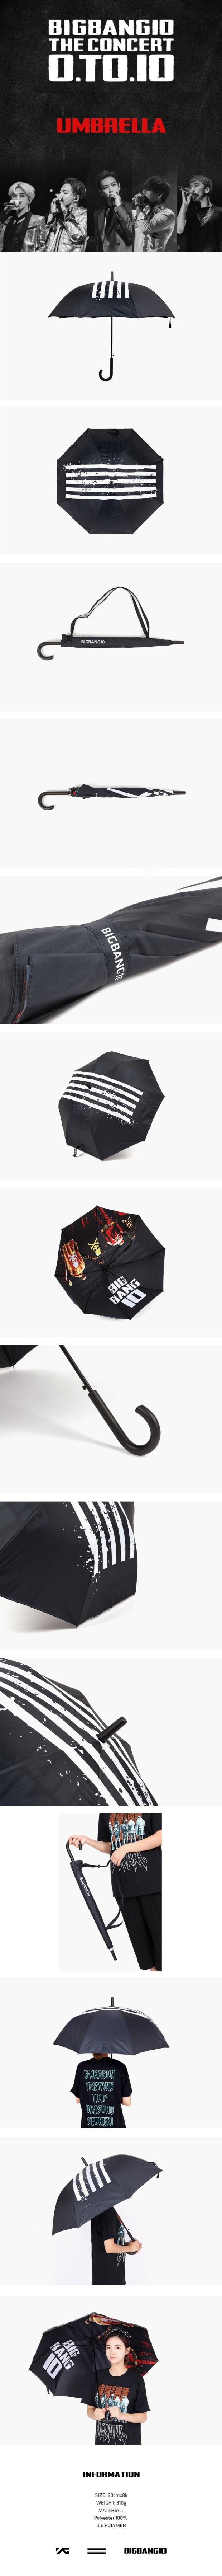 07_umbrella_01